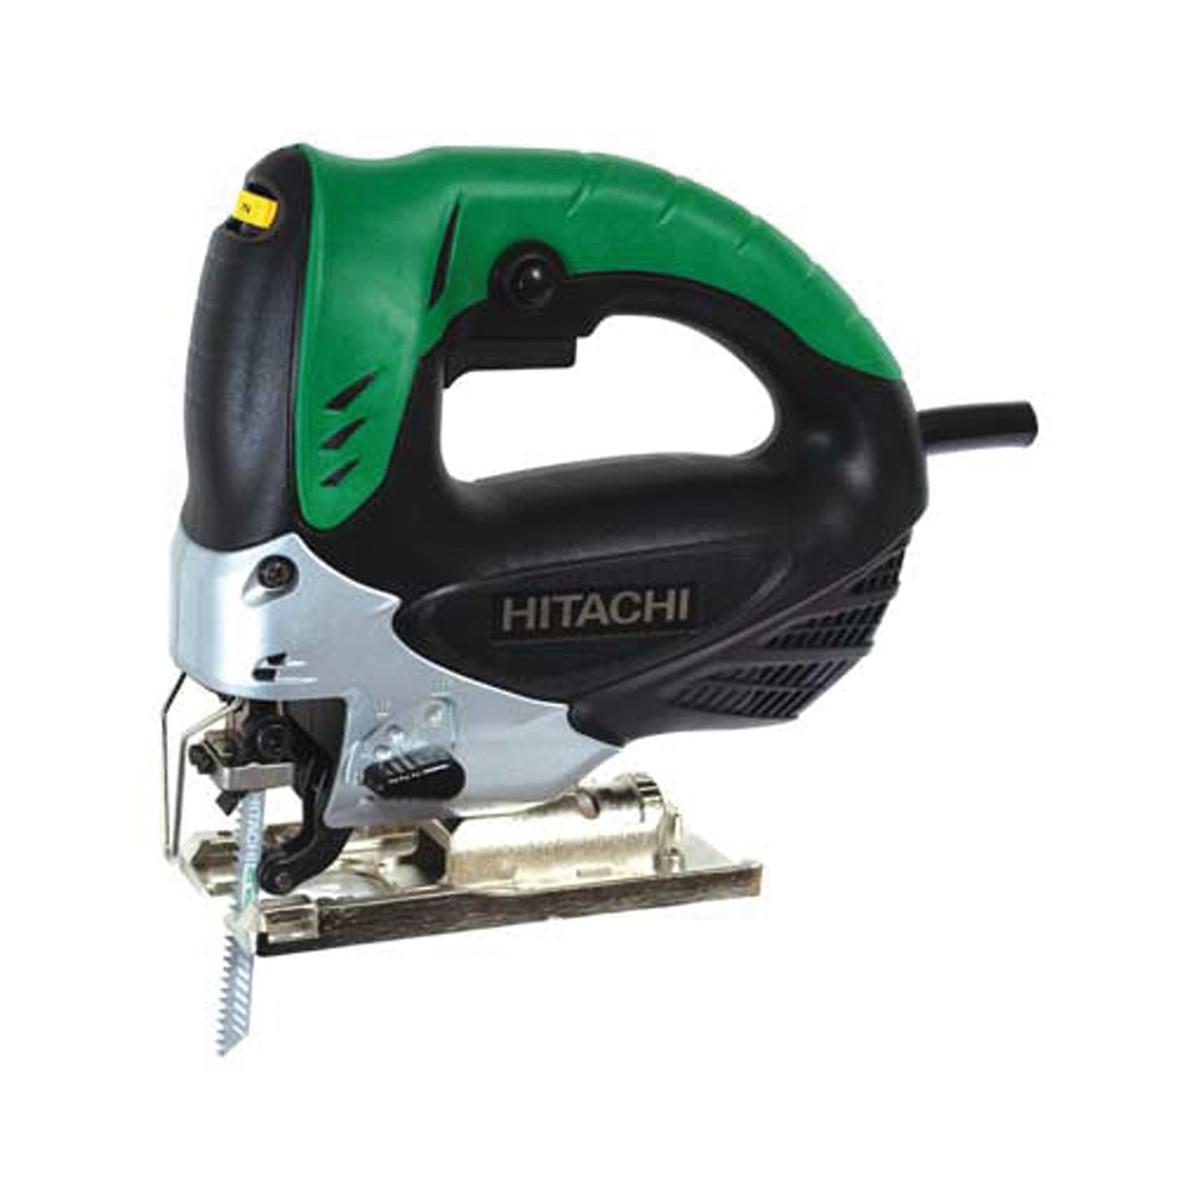 Hitachi seghetto alternativo a batteria prezzo e offerte for Camini elettrici leroy merlin